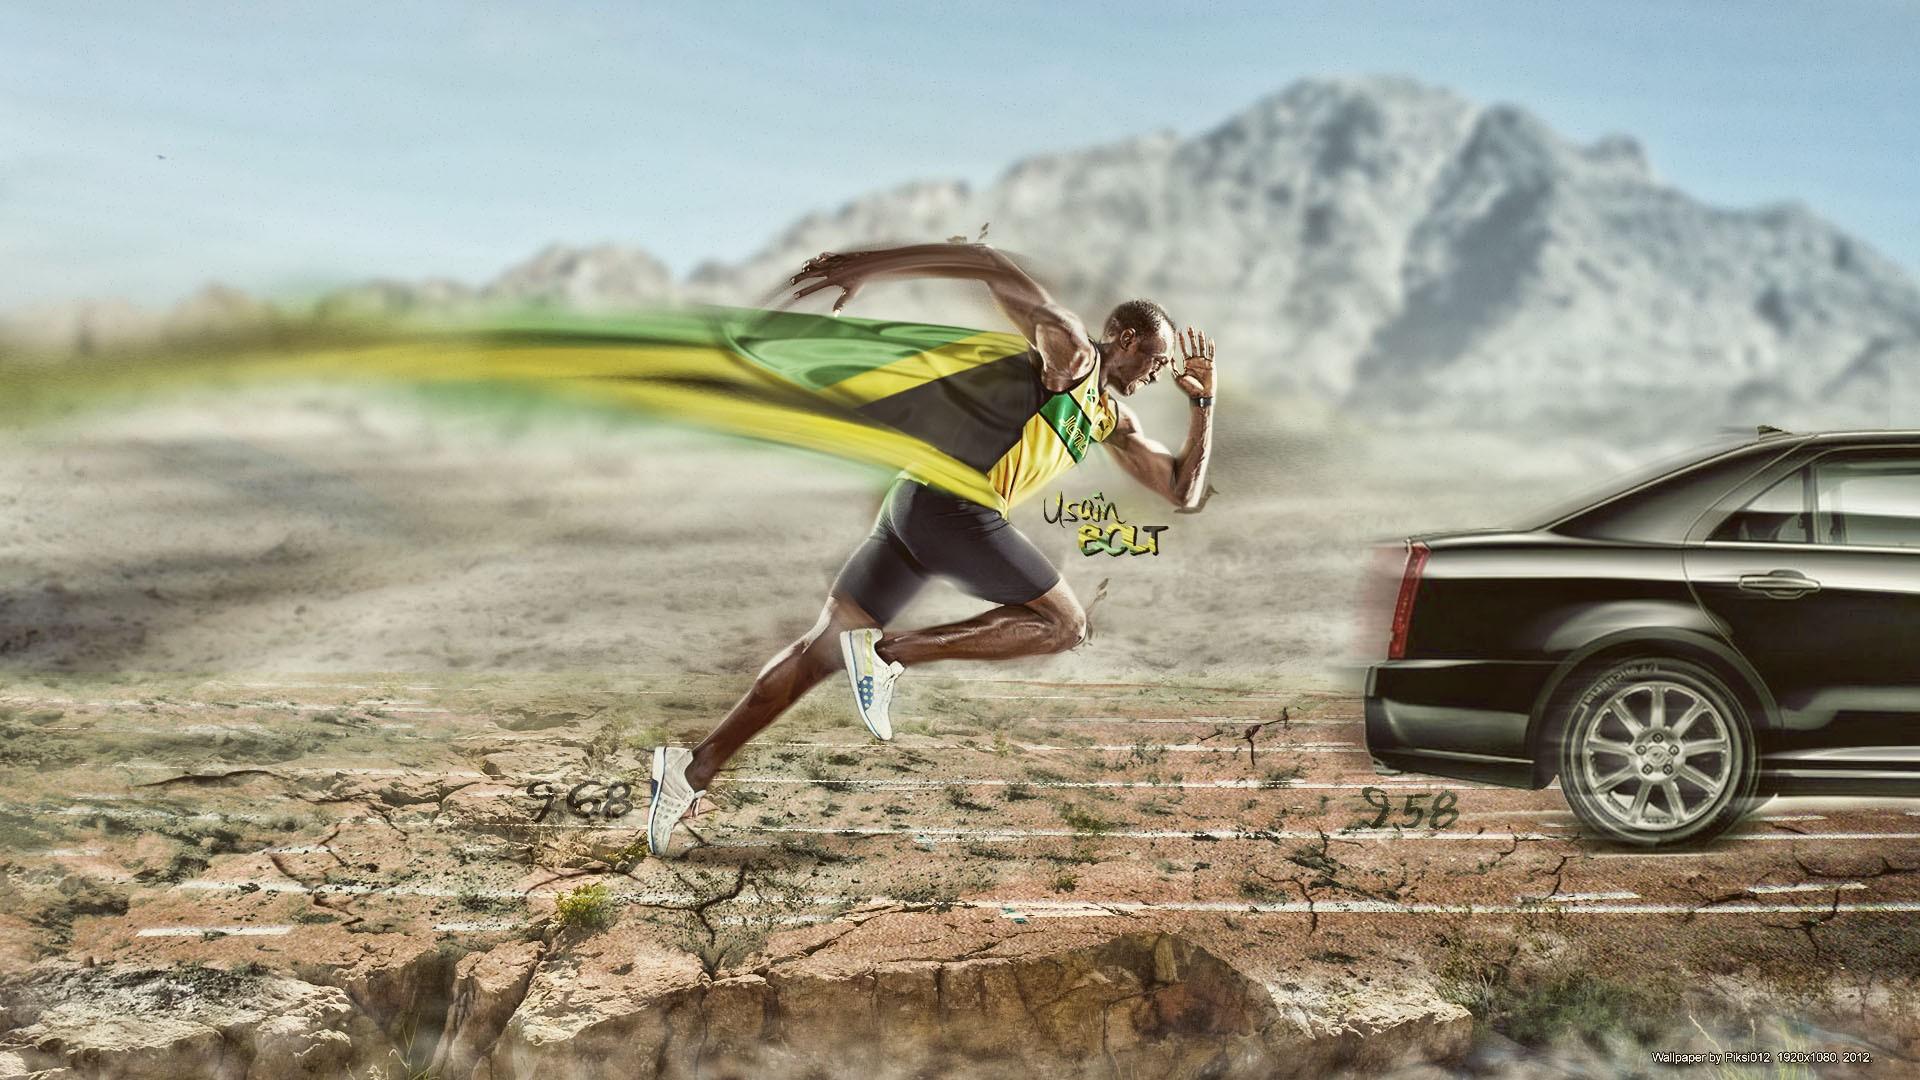 Usain Bolt 9